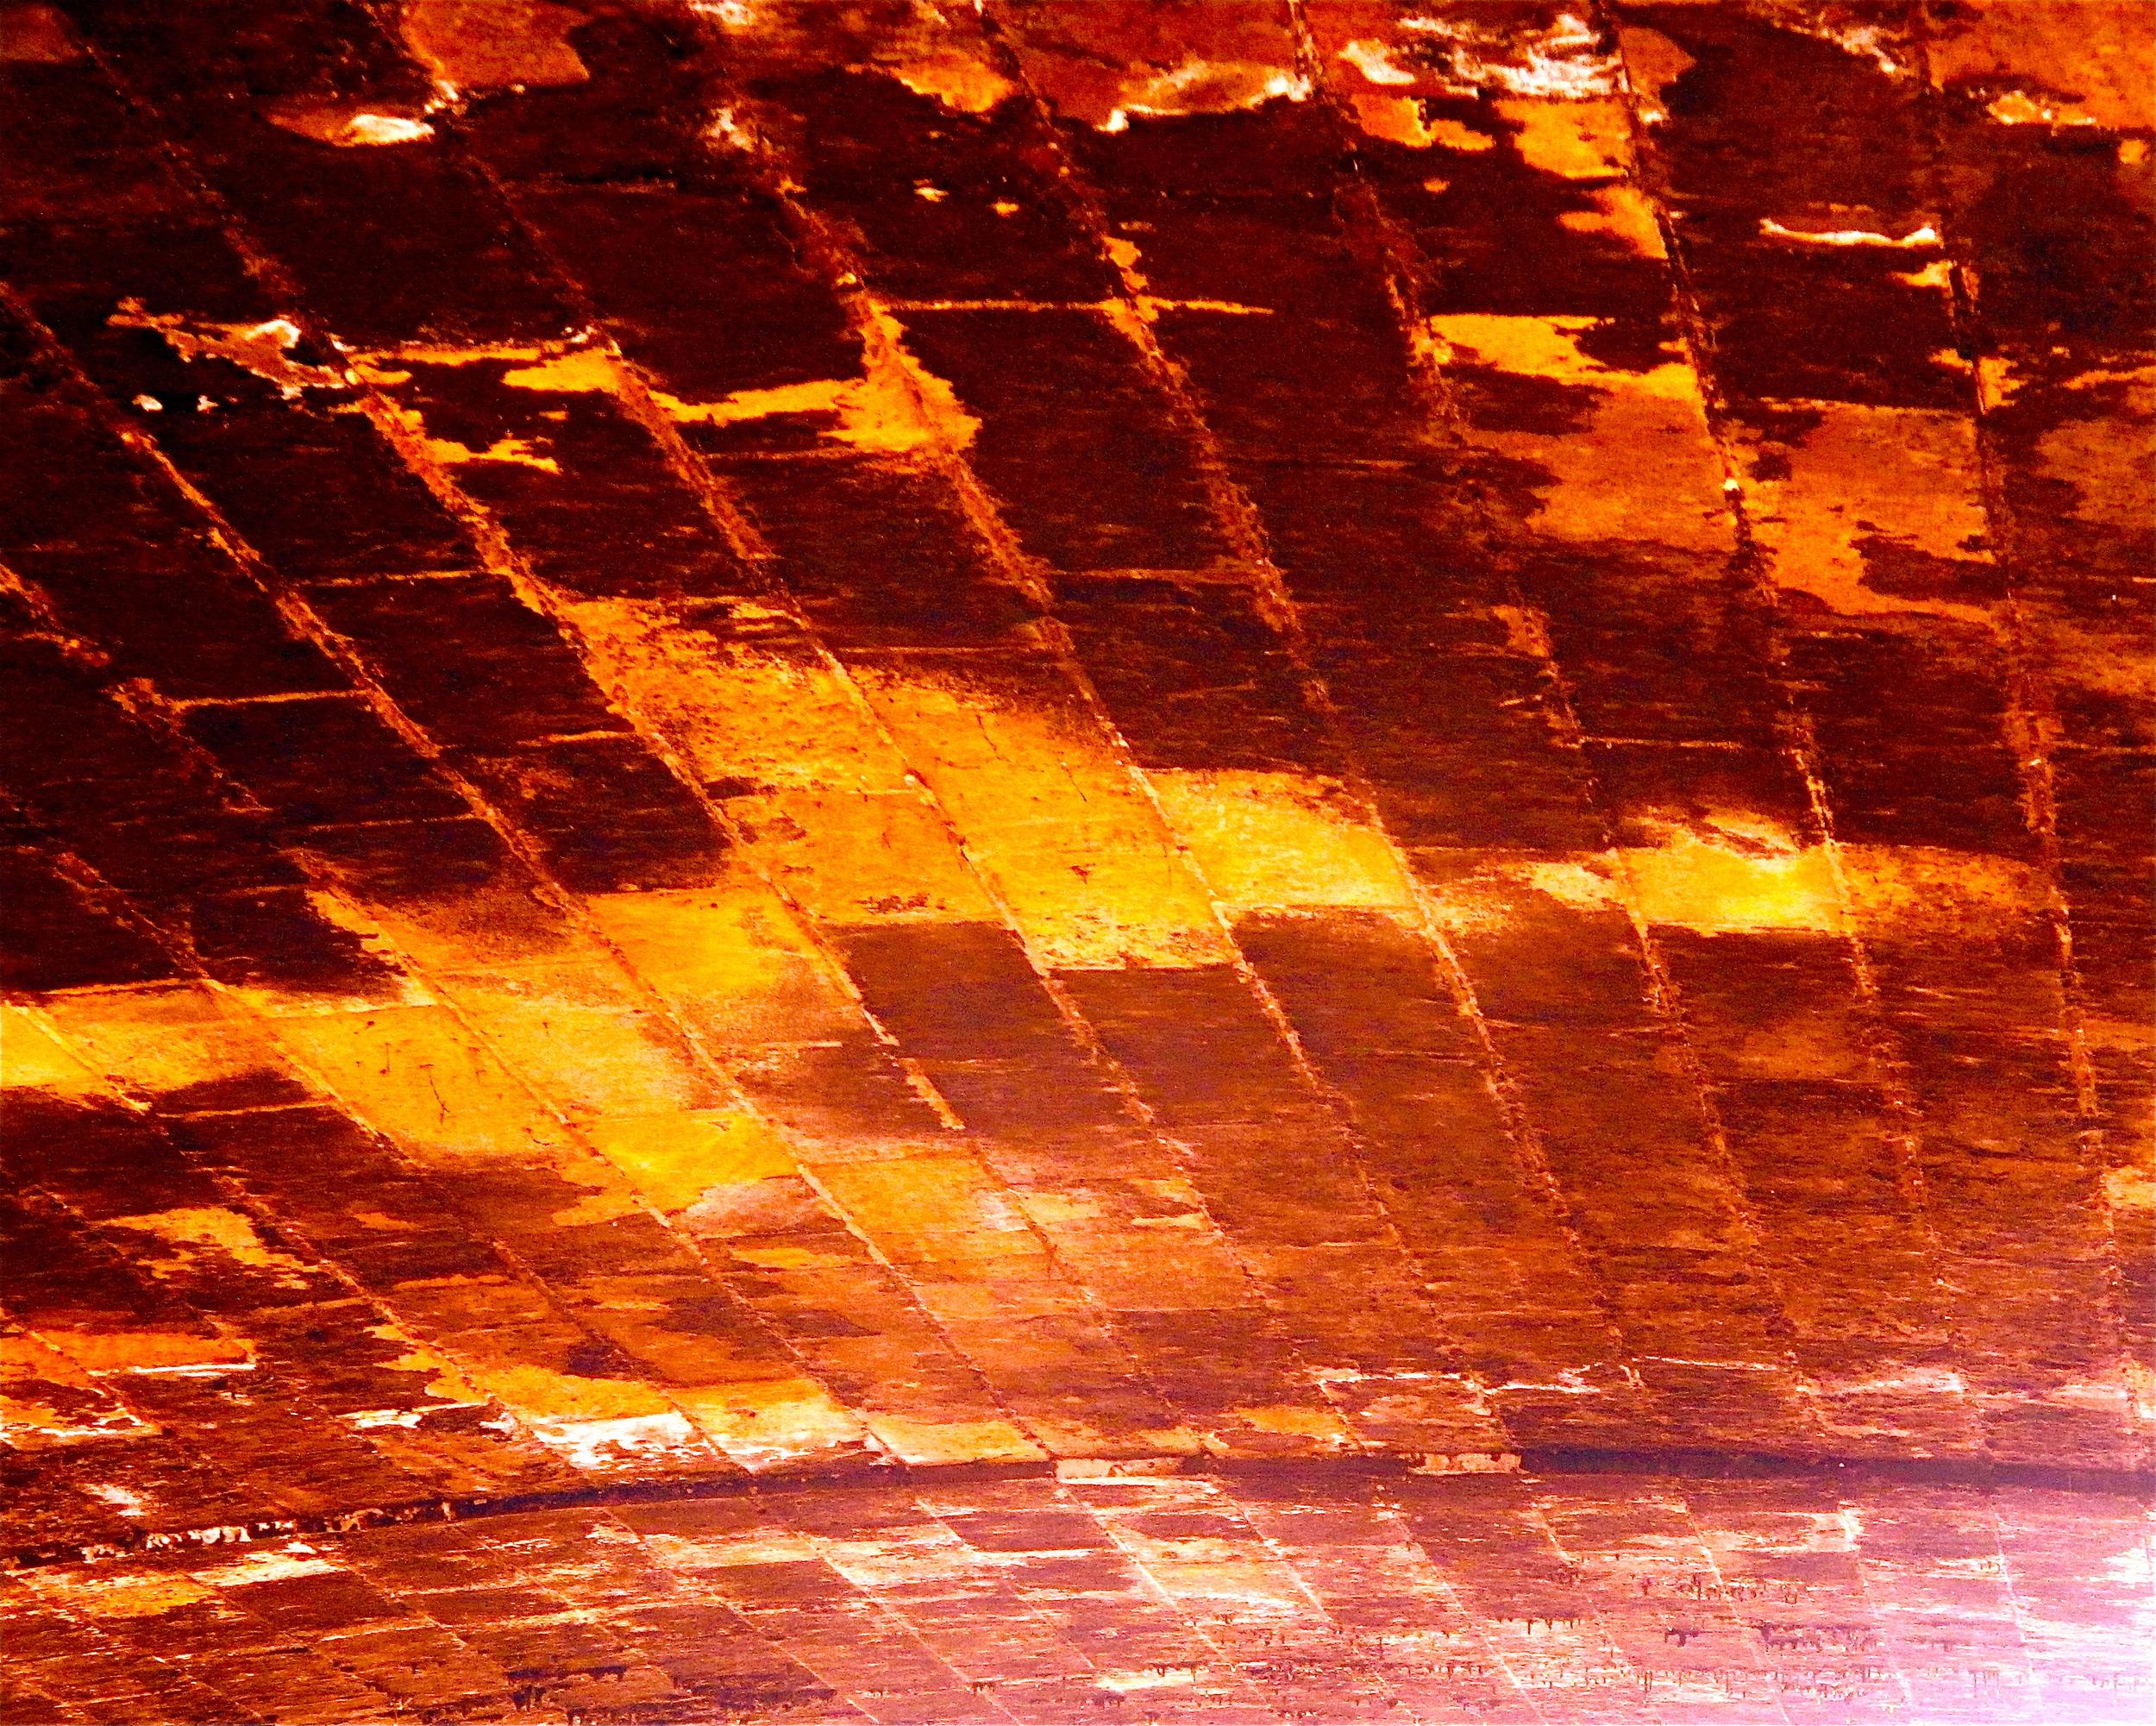 Under a Seine Bridge